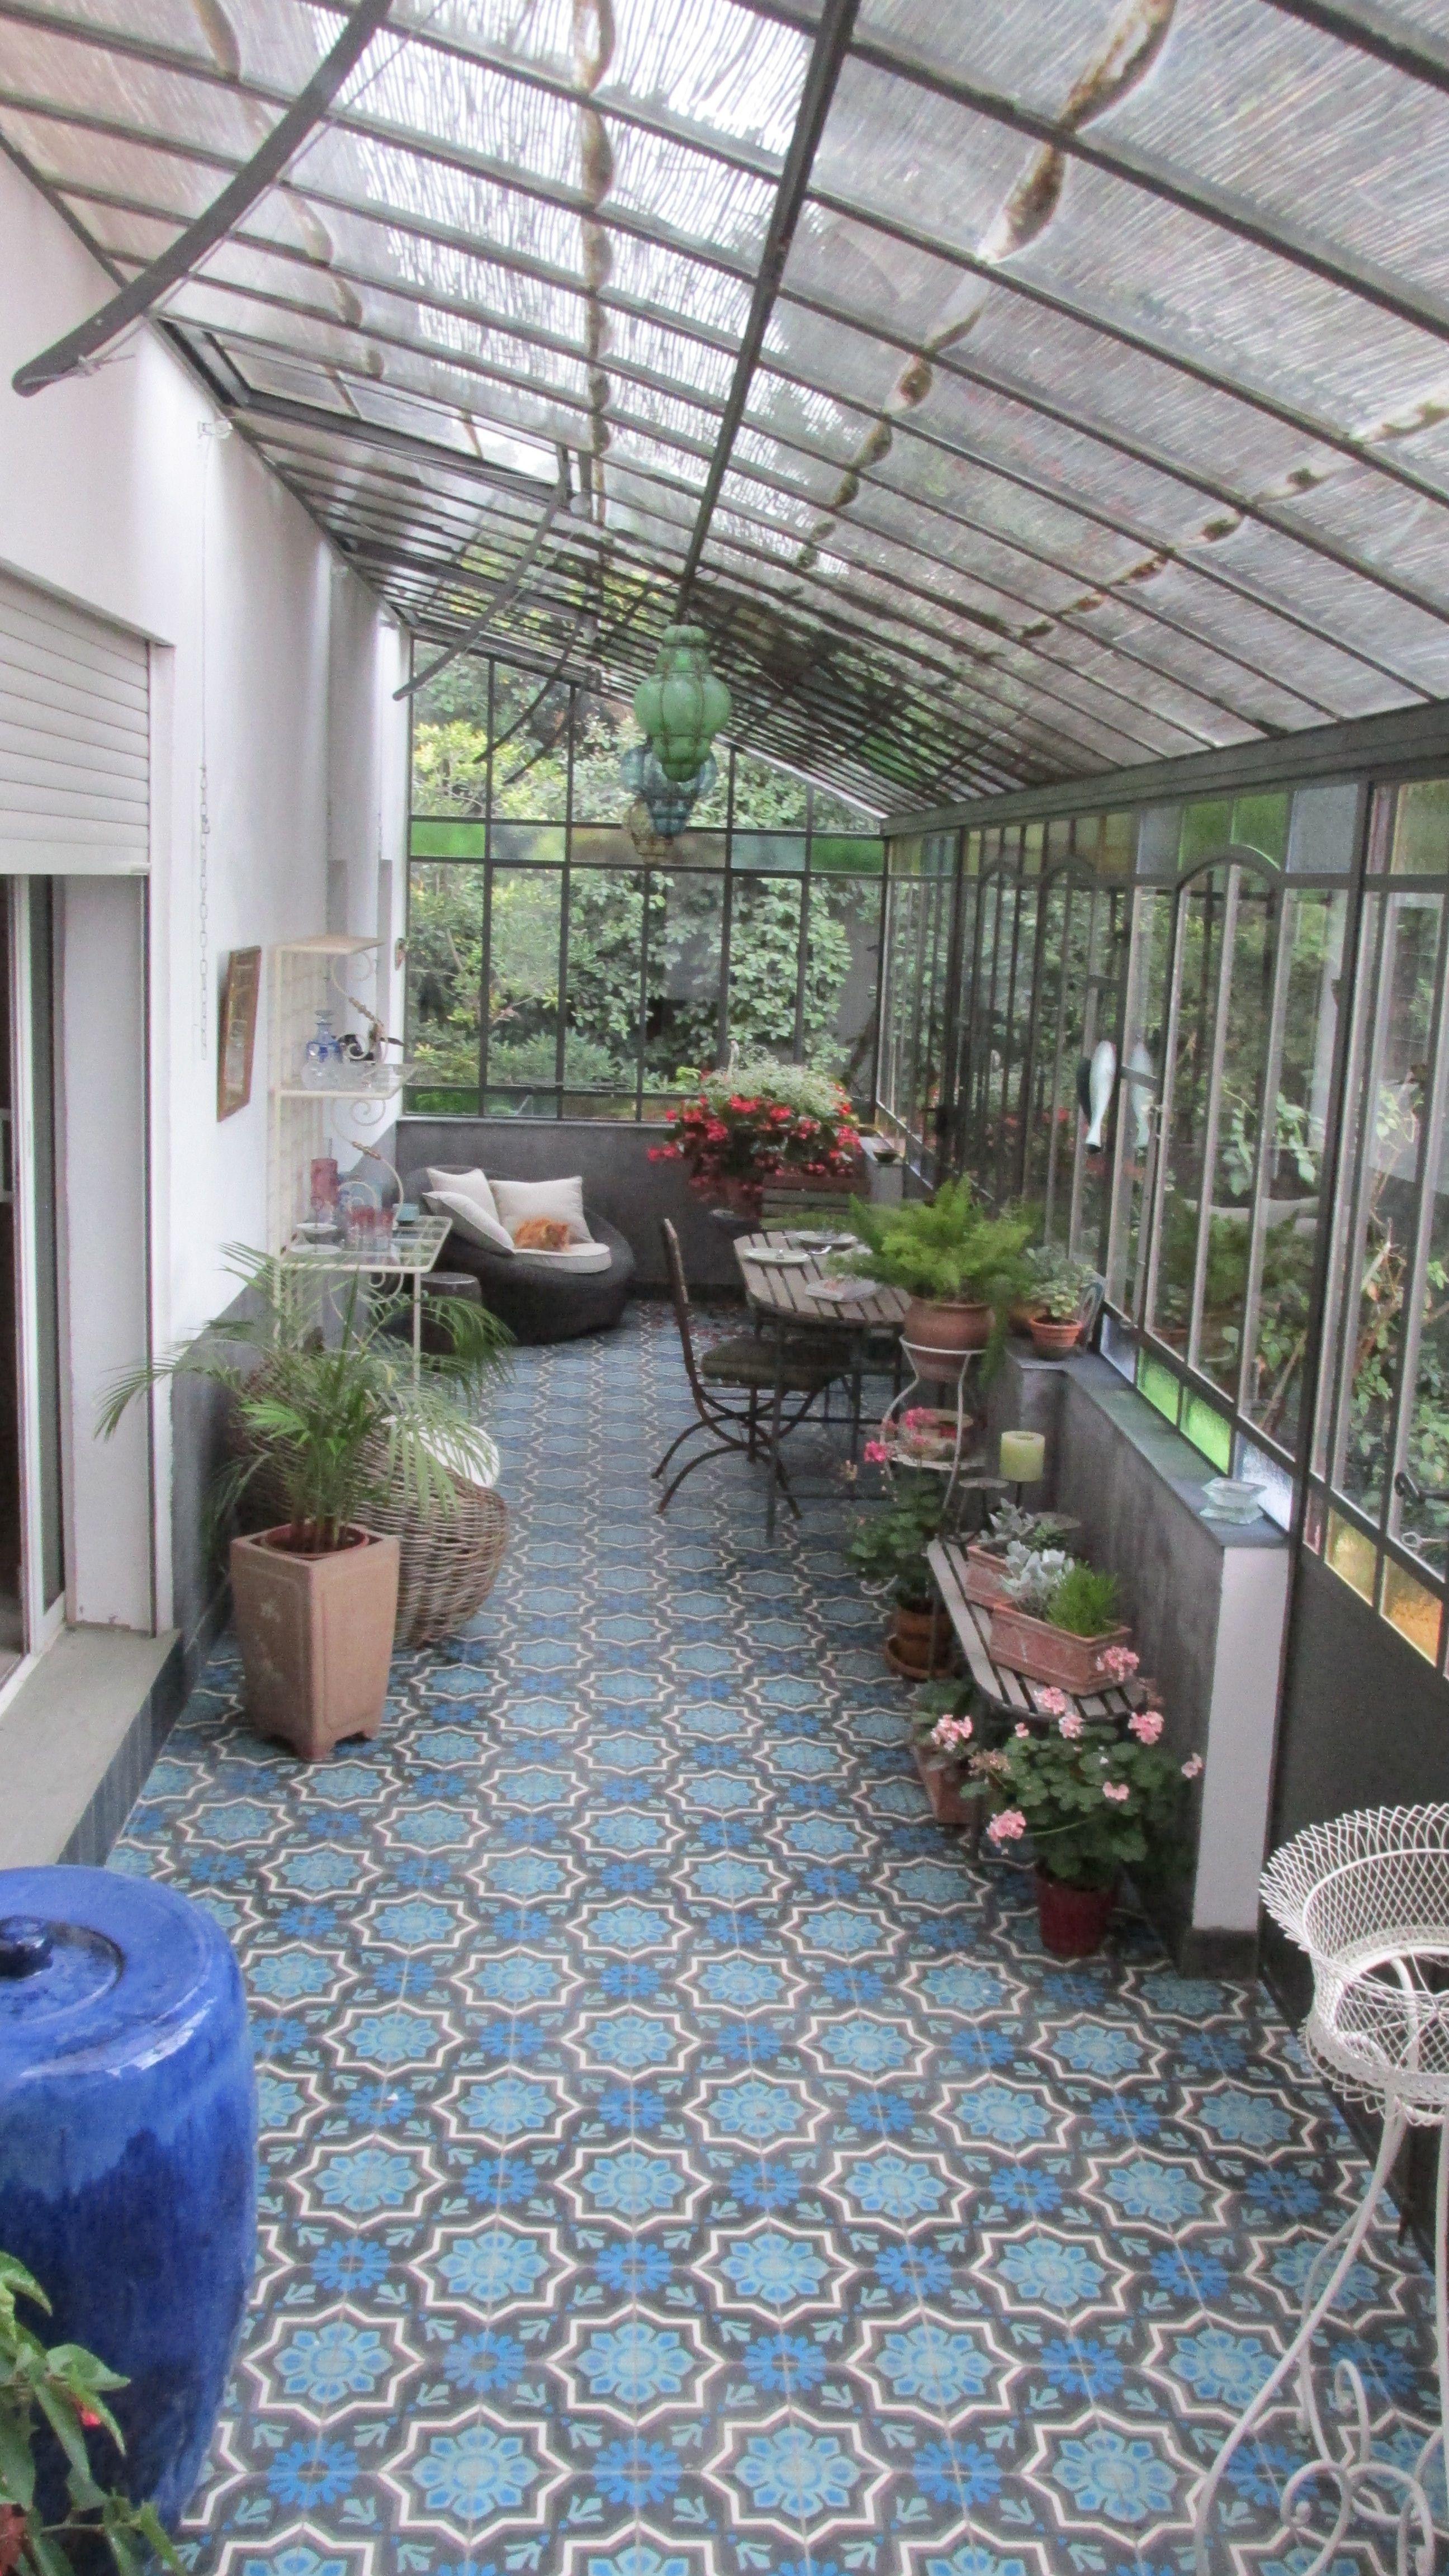 Serre de jardin l 39 ancienne adoss e faisant office de jardin d 39 hiver et pi ce de repos les - Verriere jardin d hiver ...